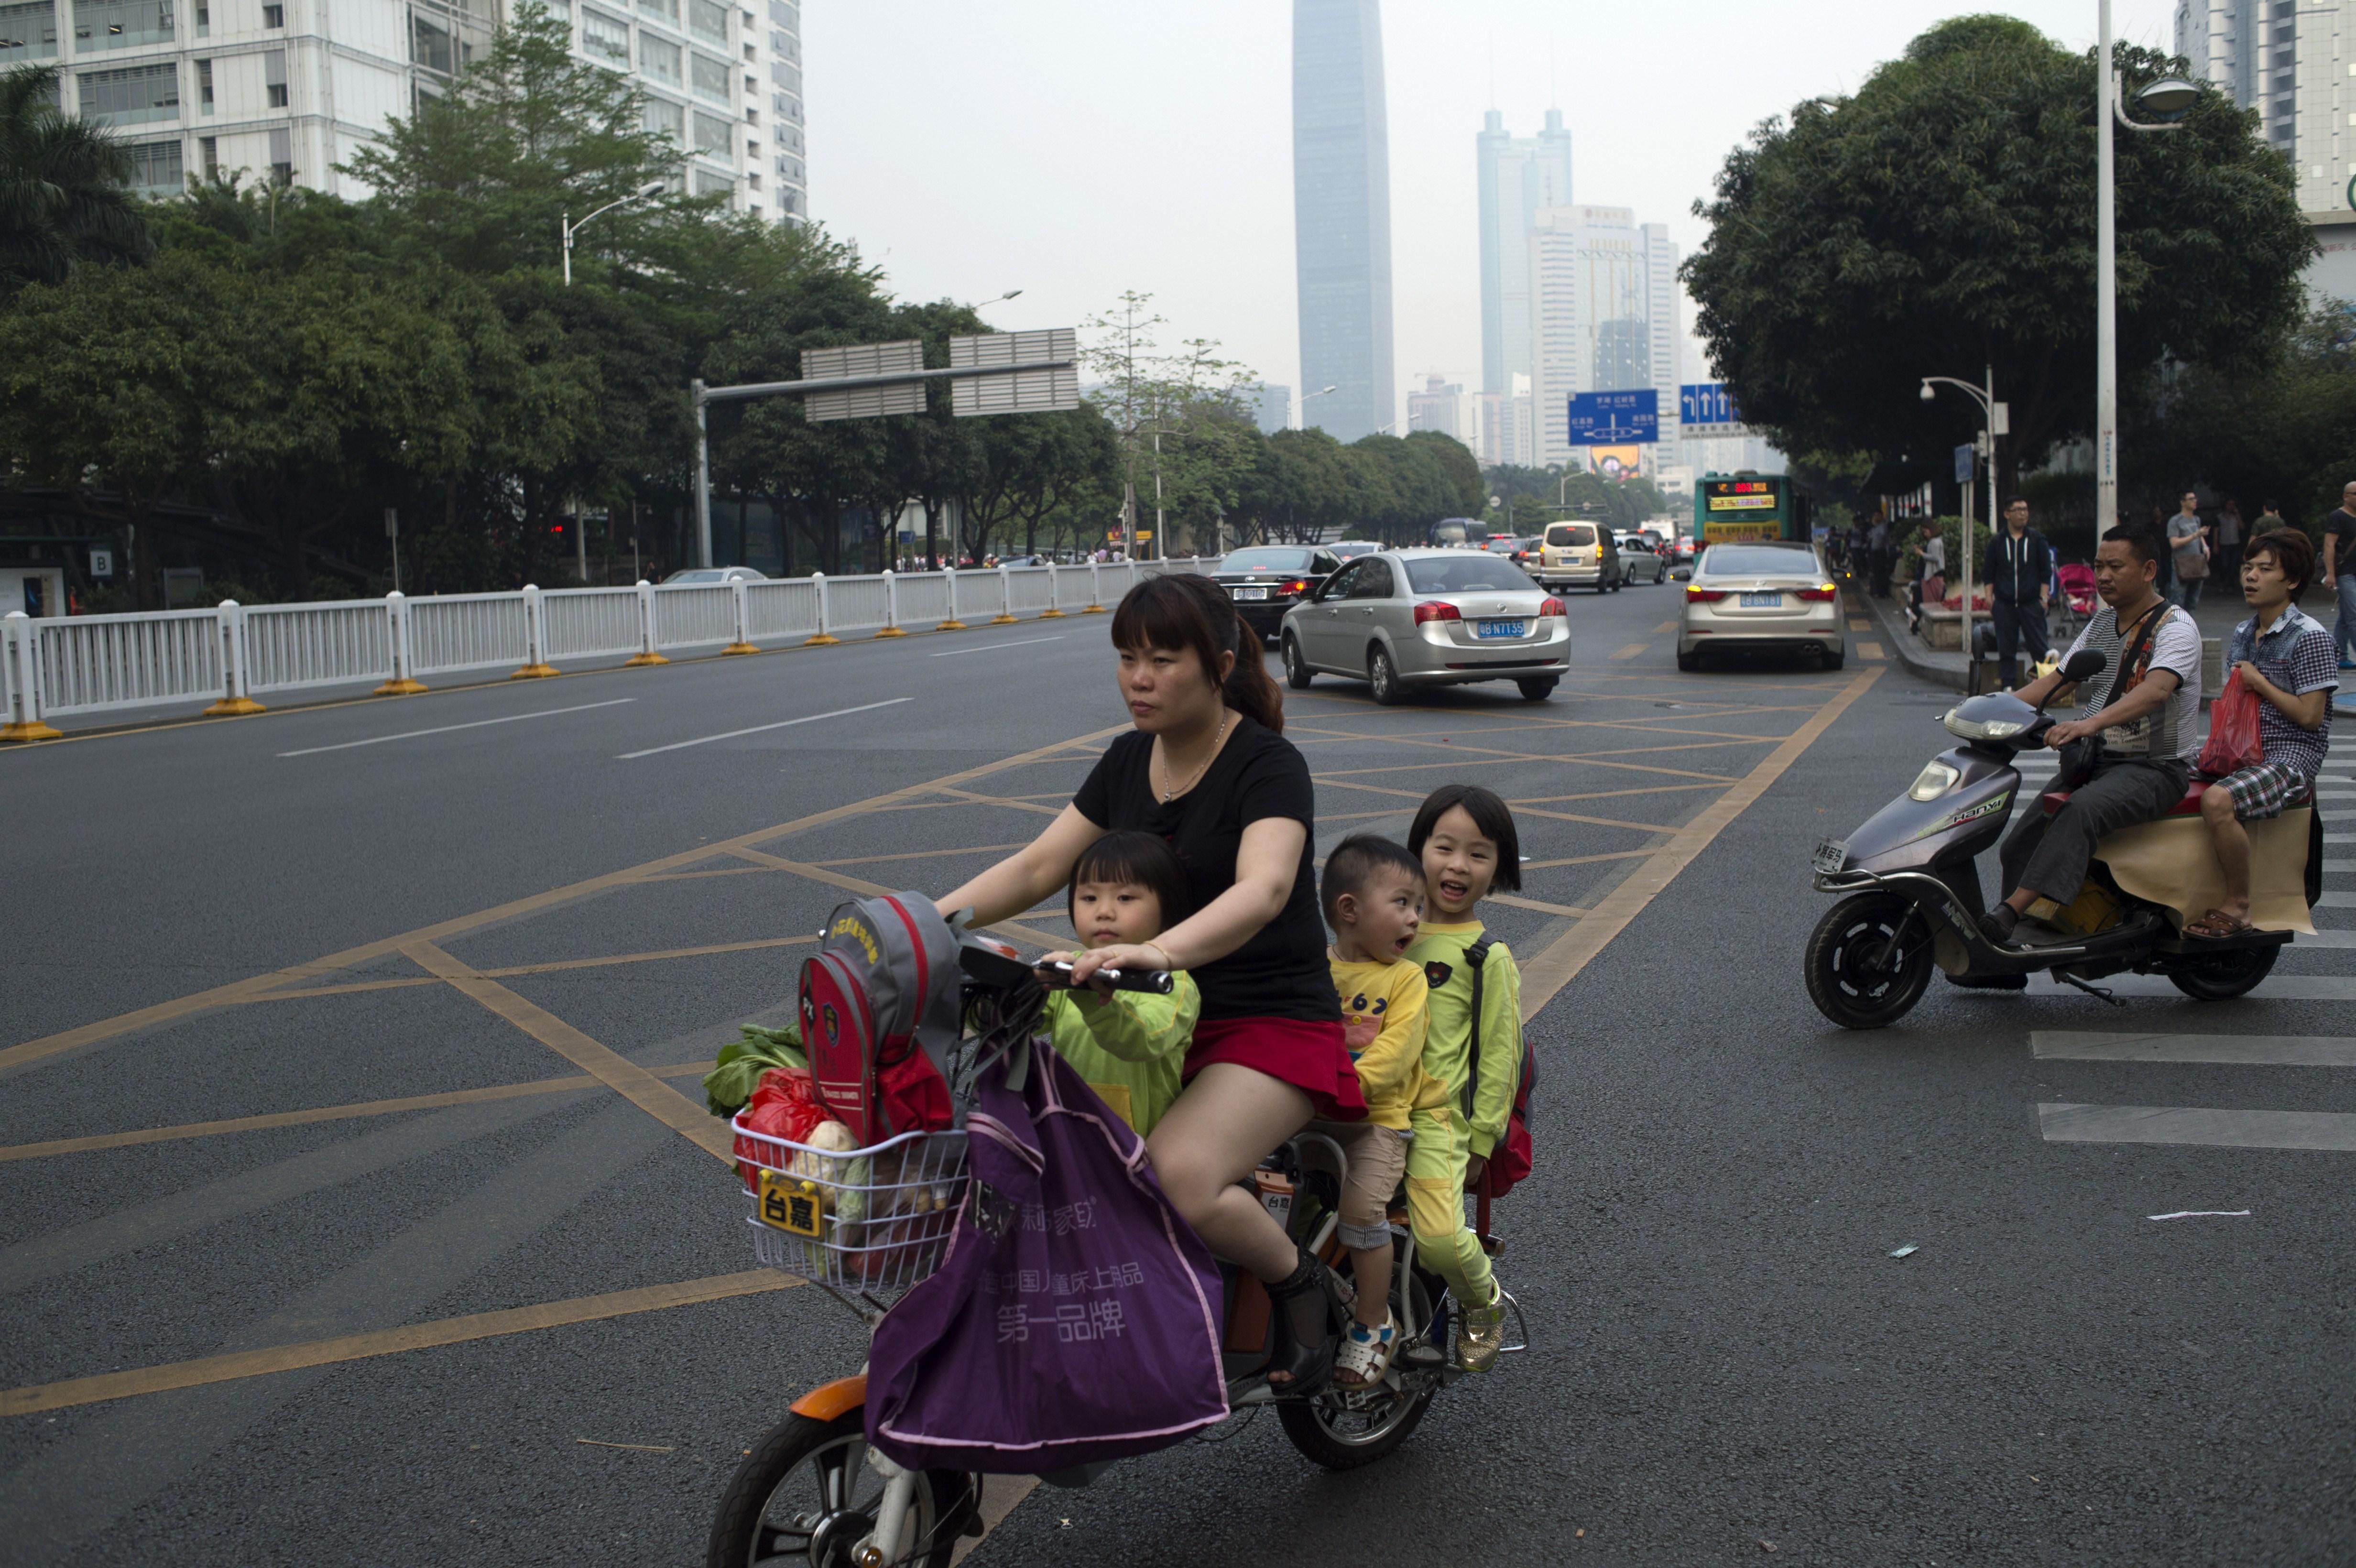 CHINA-SOCIETY